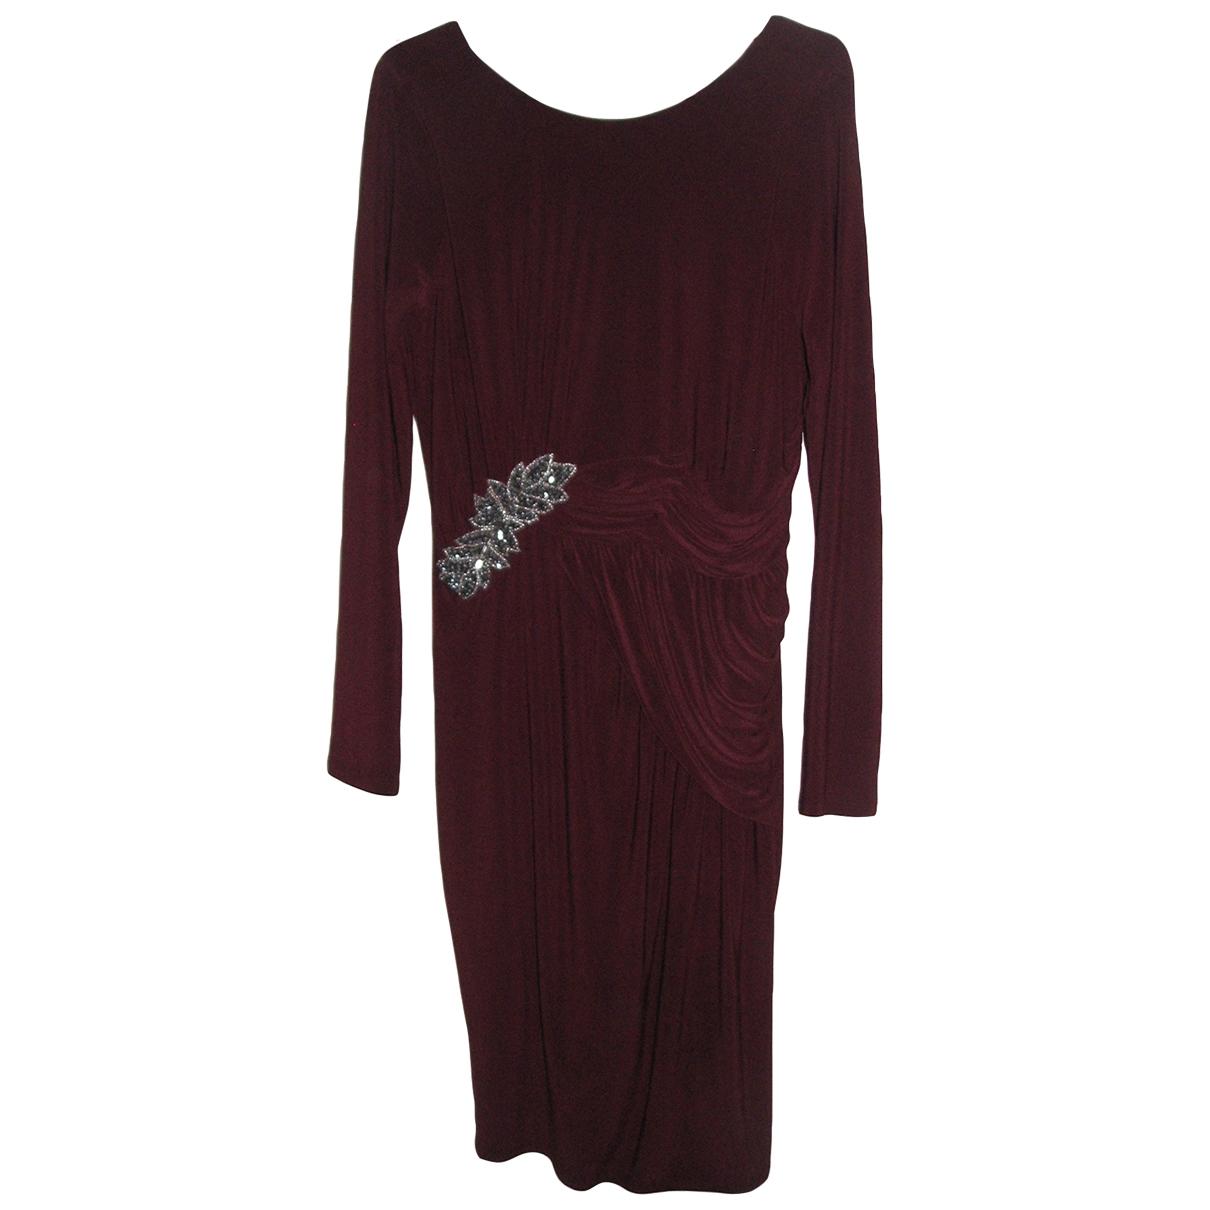 Jenny Packham \N Burgundy dress for Women 12 UK